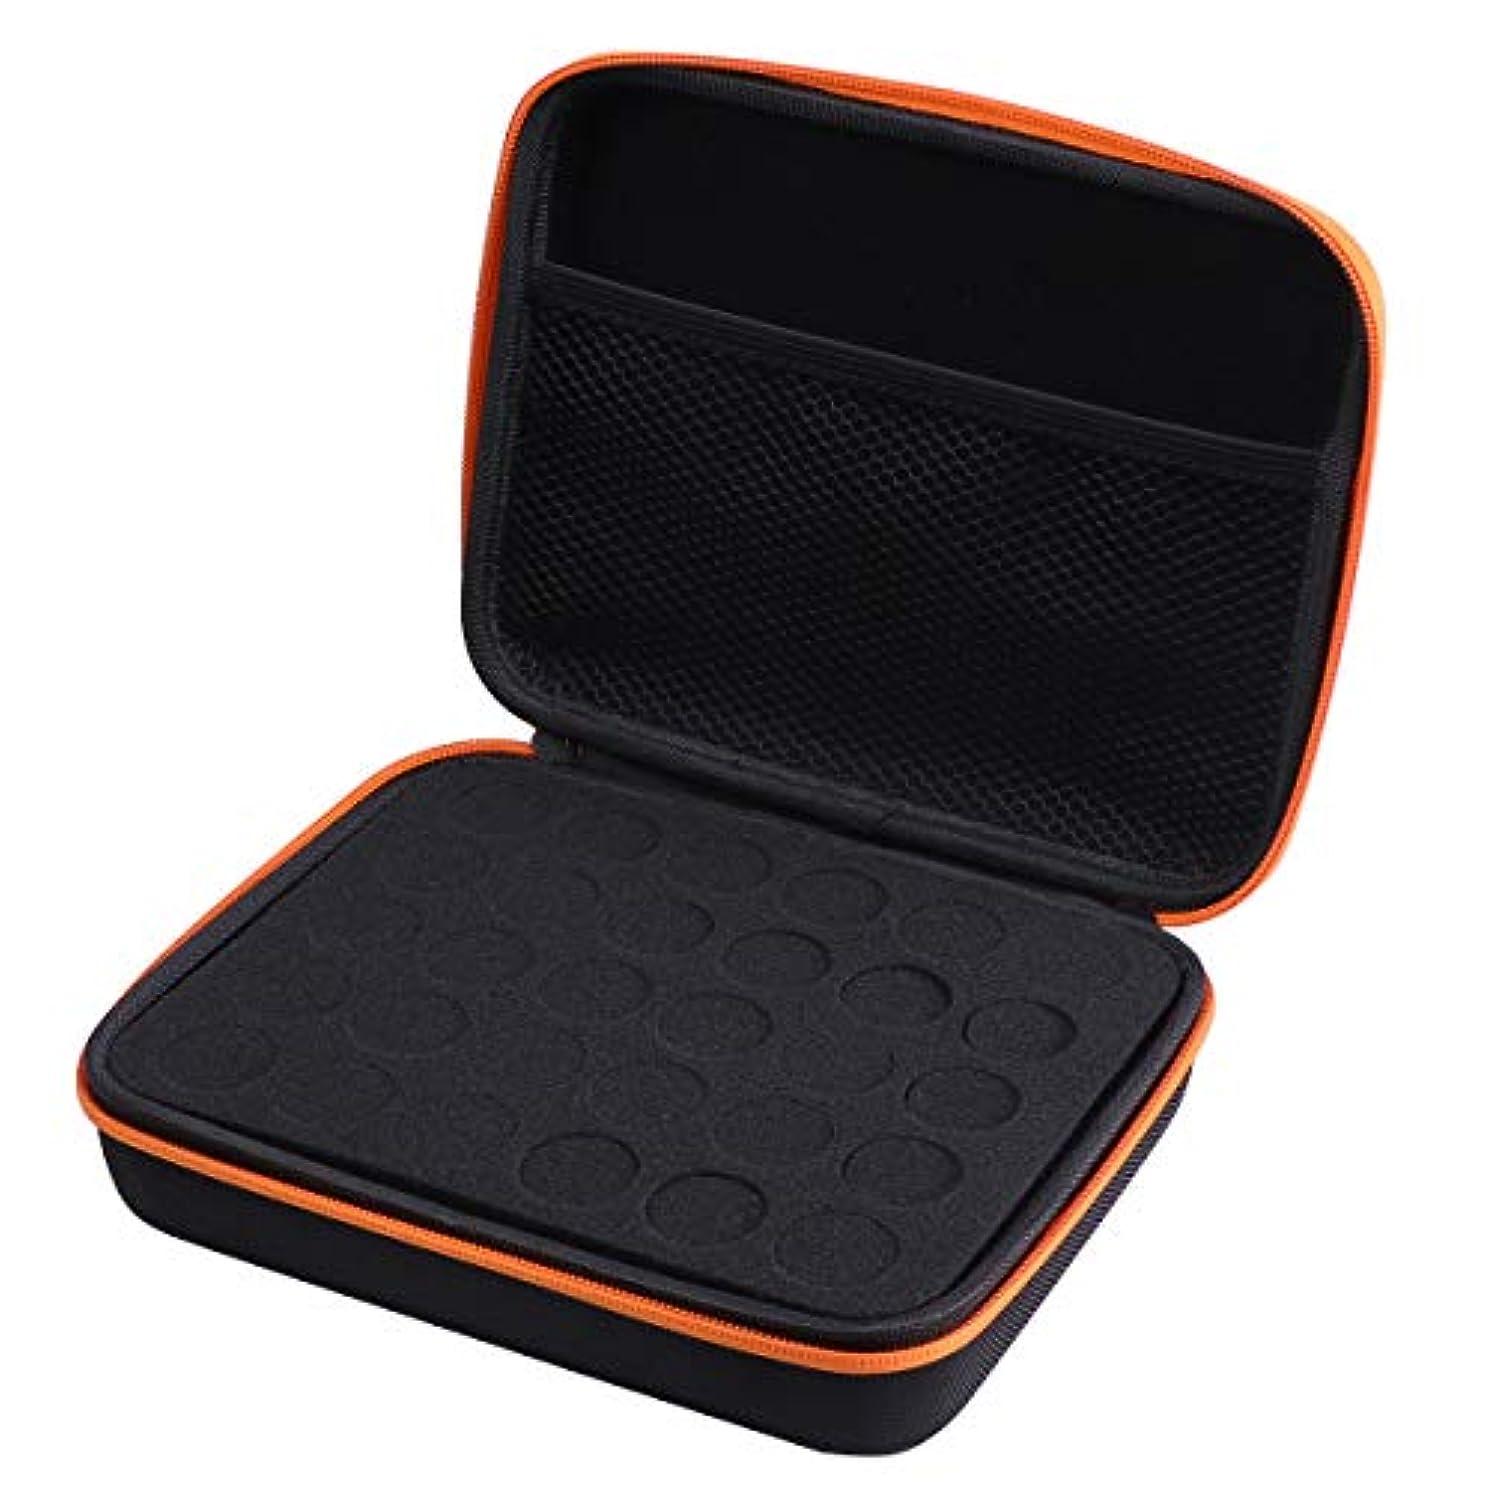 嫌がらせ支給敷居Frcolor エッセンシャルオイル ケース 携帯用 アロマポーチ アロマケース メイクポーチ 精油ケース 30本用(オレンジ)